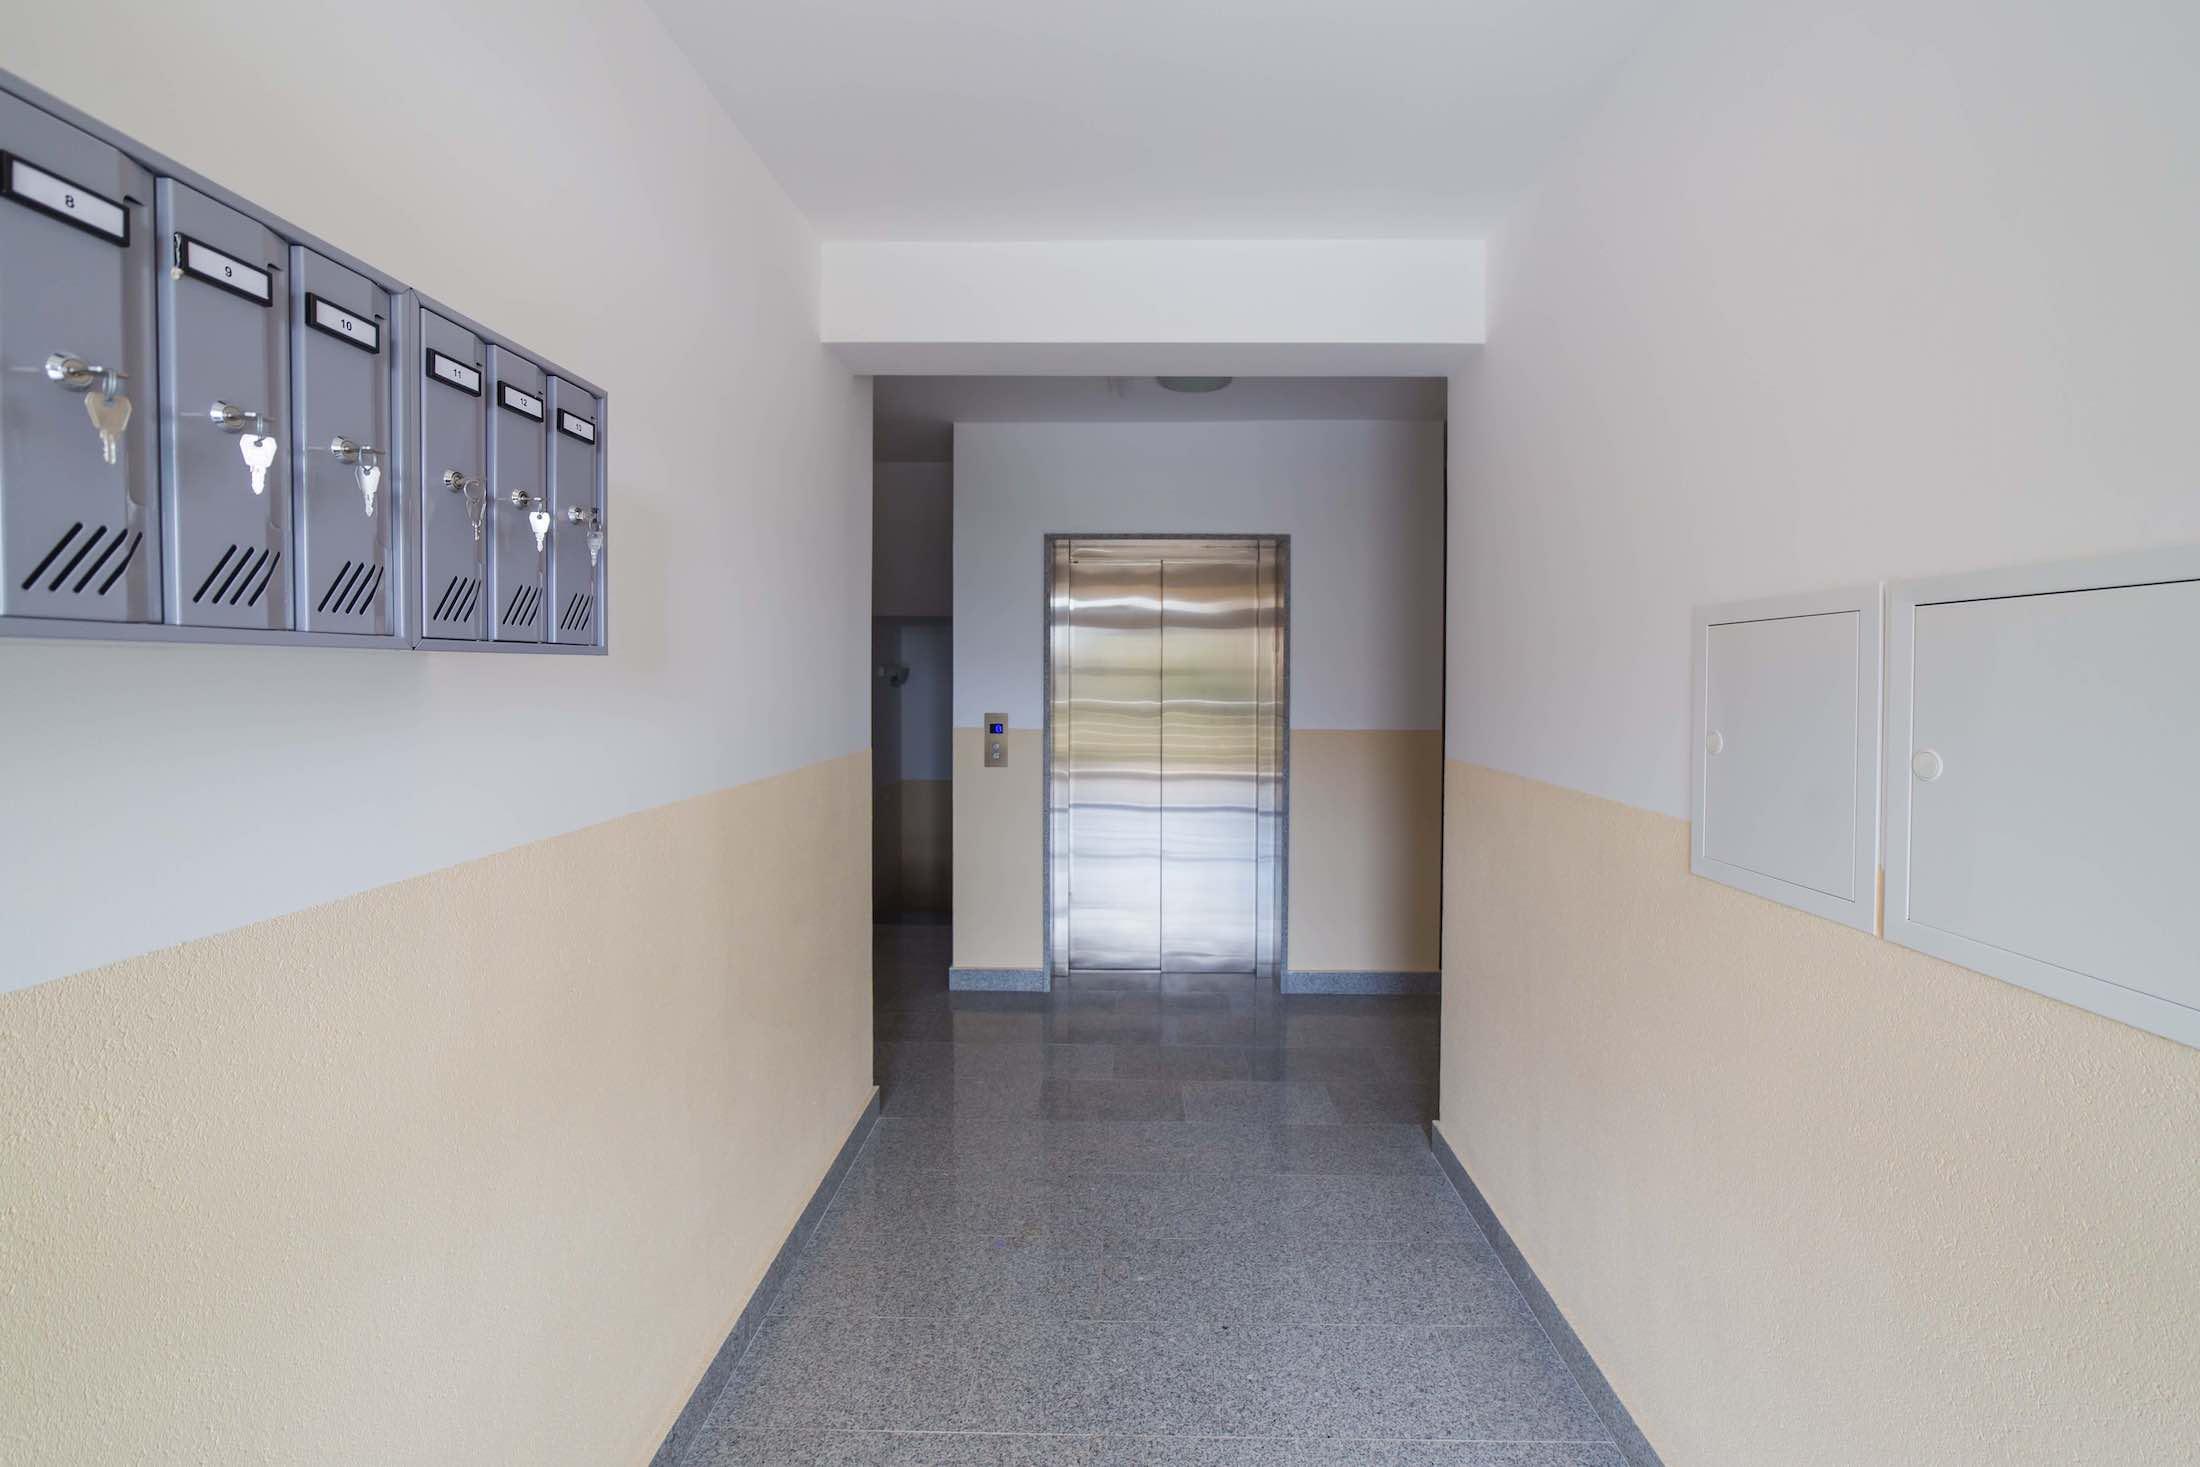 IVANOVICI ANATOLIA доходная недвижимость в черногории Бечичи Будва32.jpeg